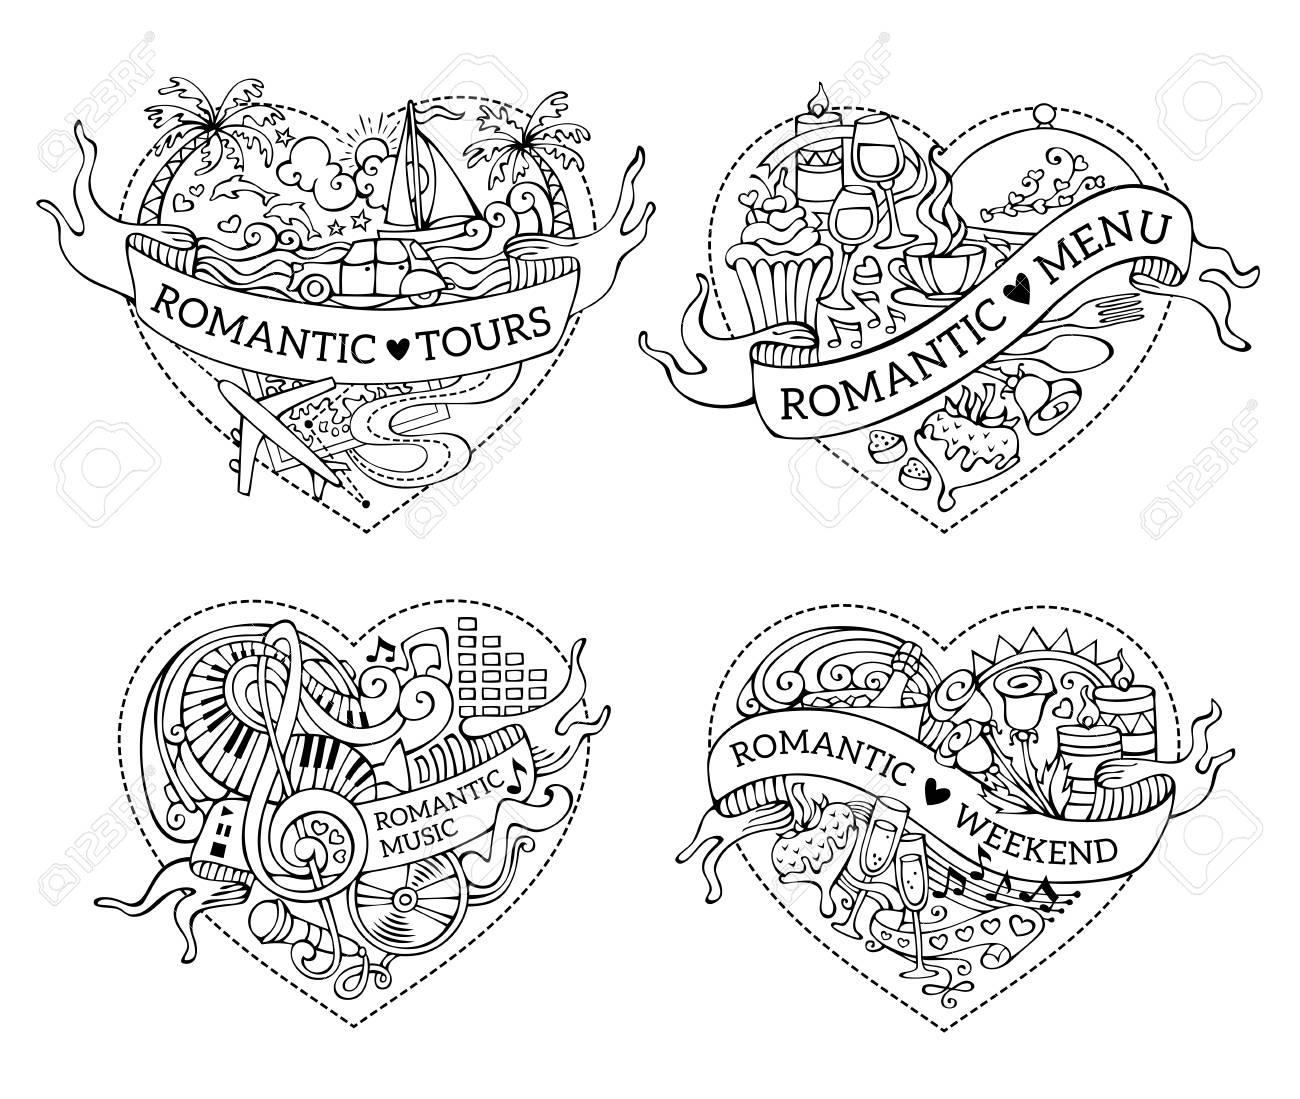 Léments De Design Noir Et Blanc De Dessin Animé Romantique Les Symboles De La Saint Valentin Les Icônes De Lamour Et Les Signes Livre De Coloriage